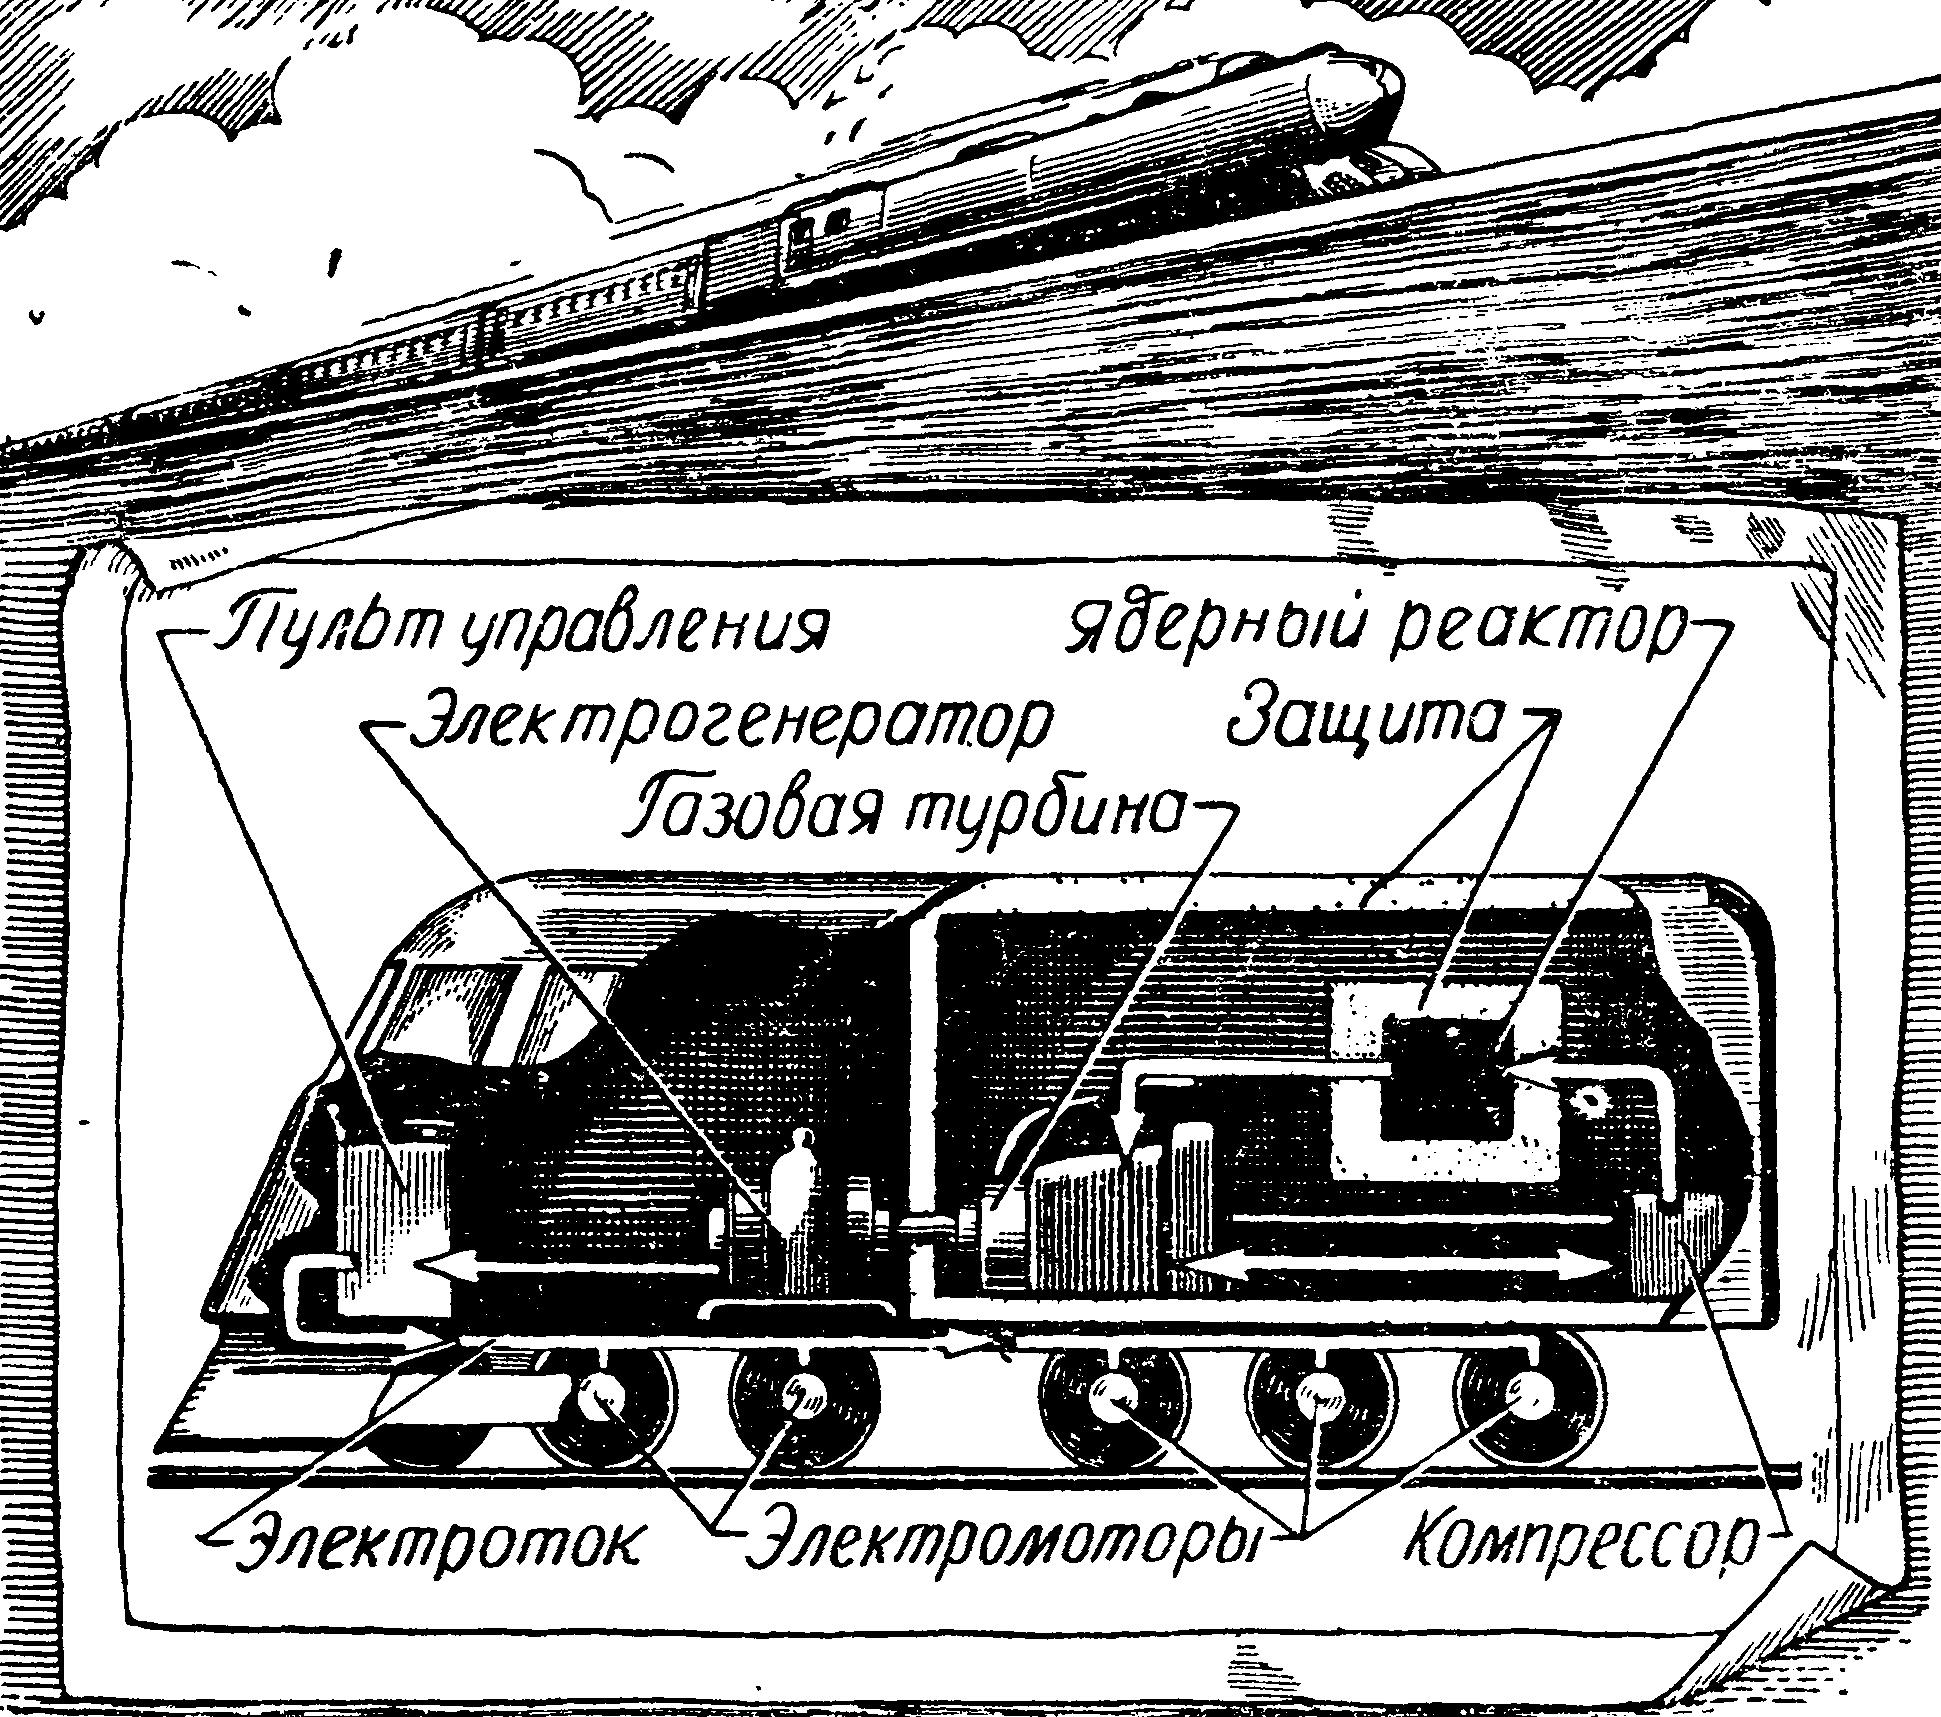 Рис. 31. Принципиальная схема локомотива-атомовоза. 1954 г.